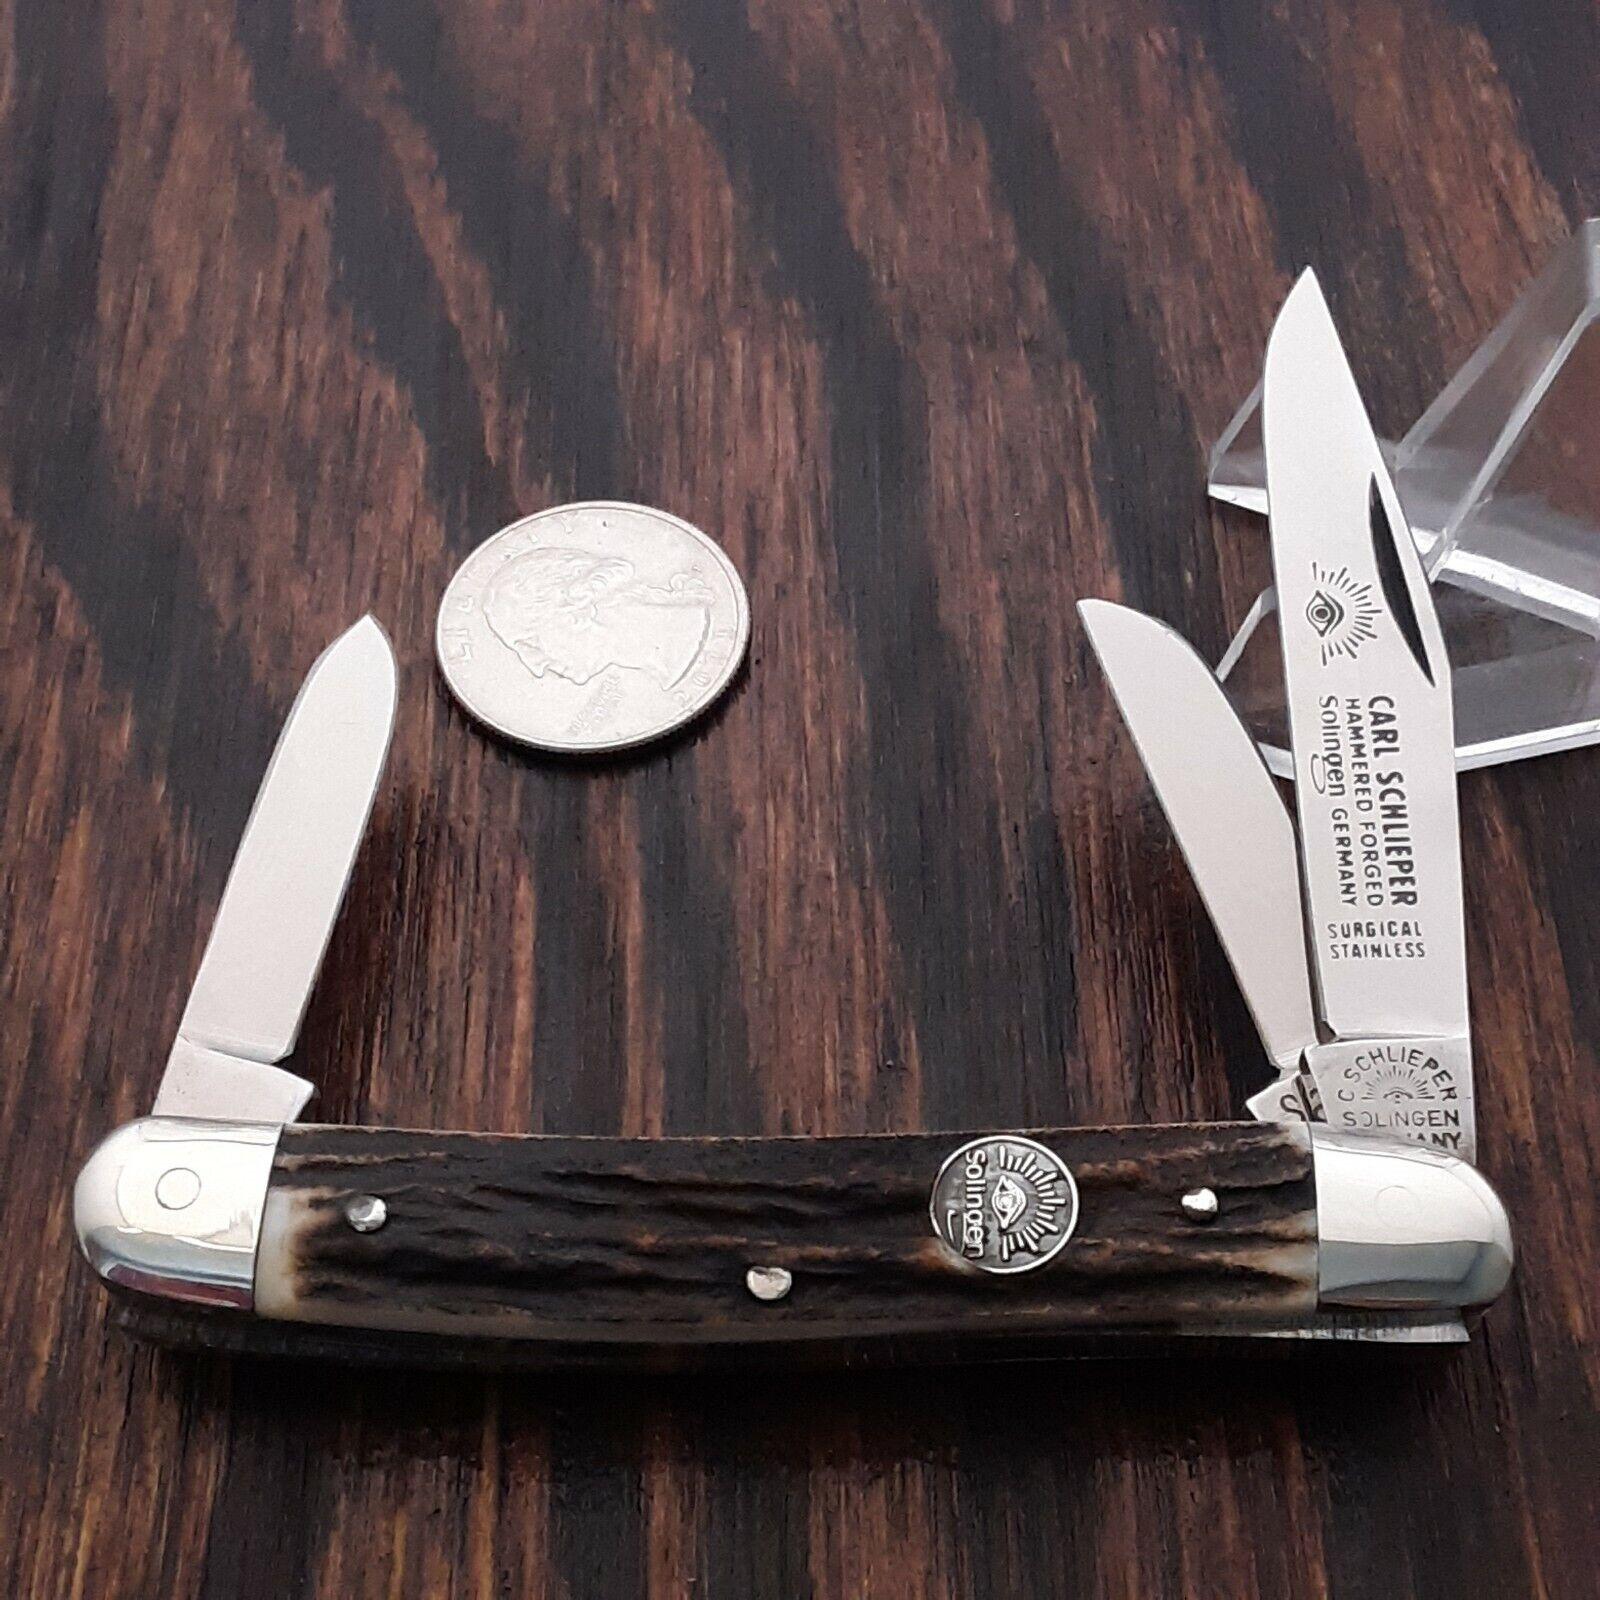 VINTAGE CARL SCHLEIPER EYE BRAND STAG POCKET KNIFE MADE IN SOLINGEN GERMANY